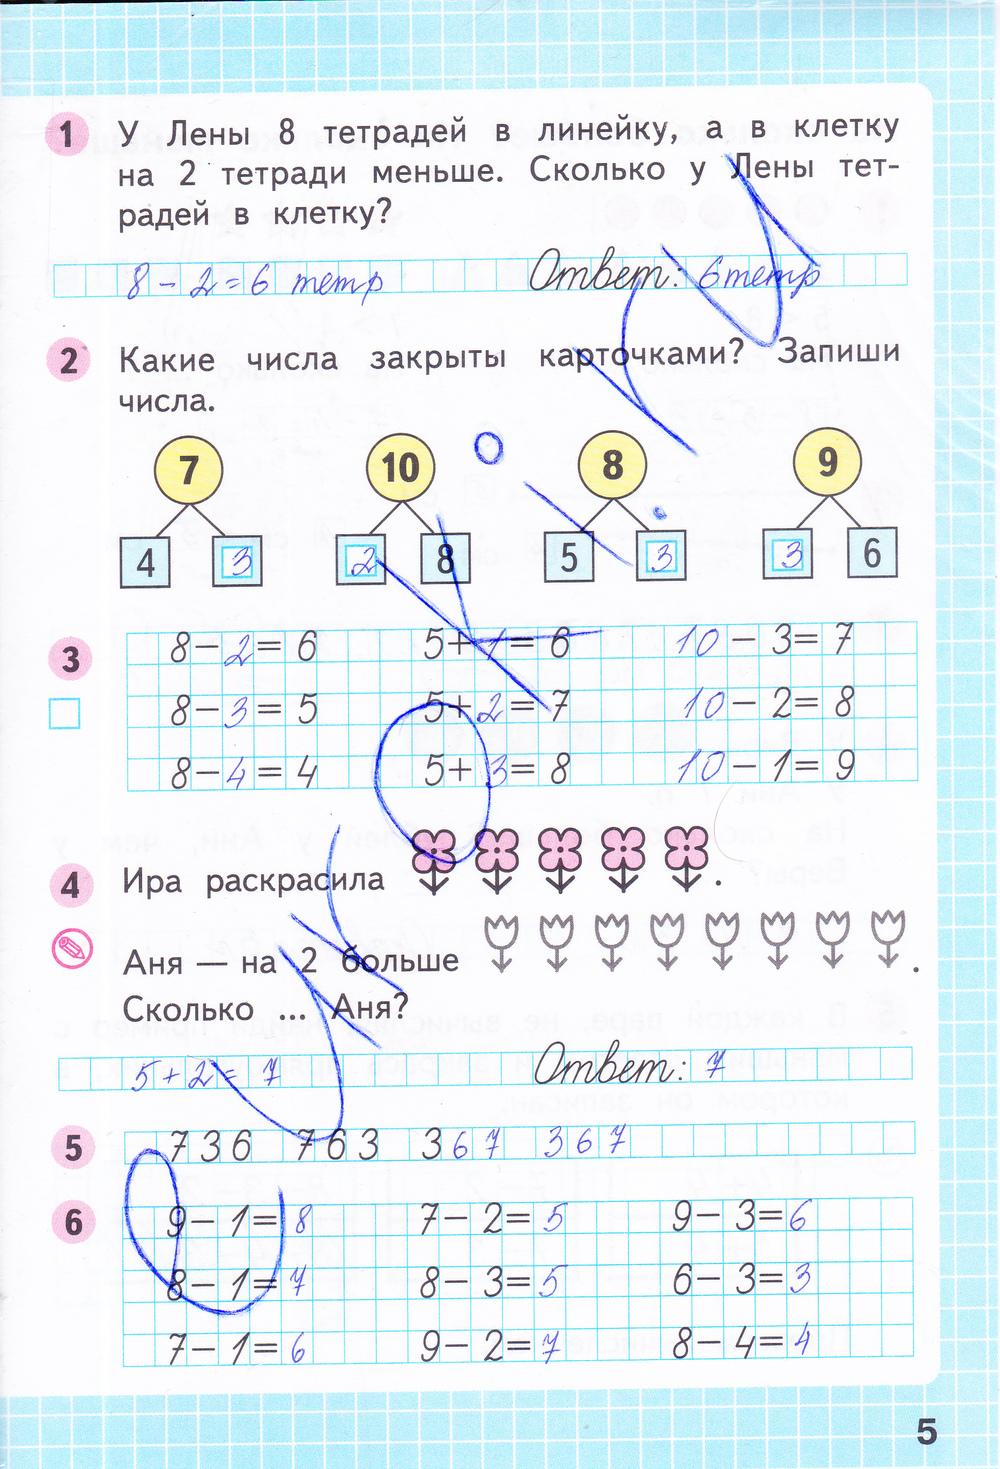 ГДЗ по математике 1 класс рабочая тетрадь Моро, Волкова Часть 1, 2. Задание: стр. 5